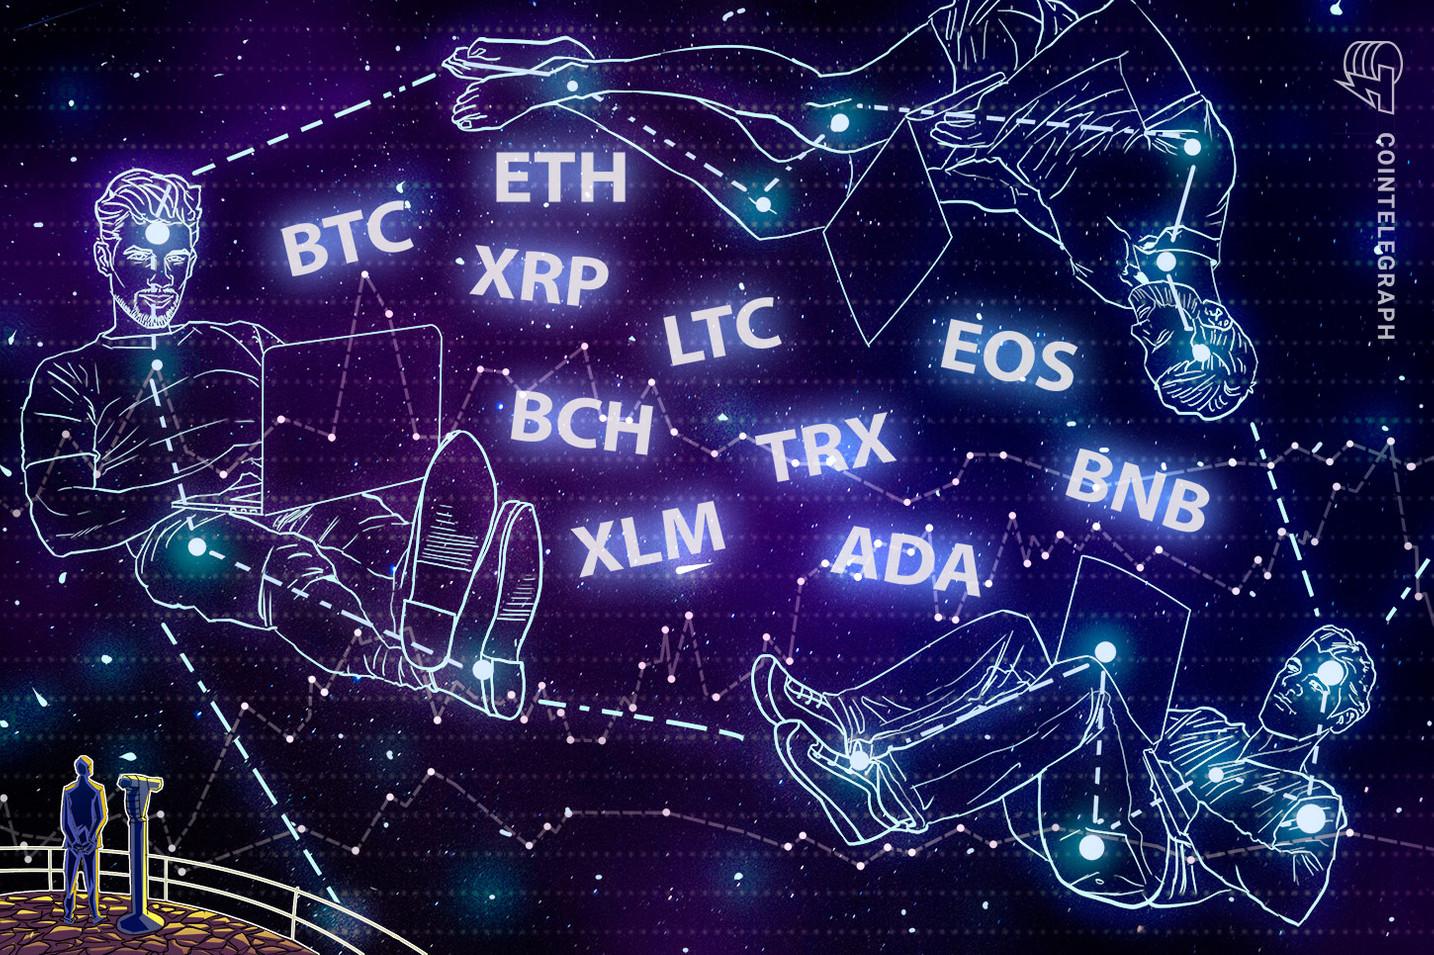 Análisis de precios al 12 de abril: Bitcoin, Ethereum, Ripple, Litecoin, EOS, Bitcoin Cash, Binance Coin, Stellar, Cardano y TRON